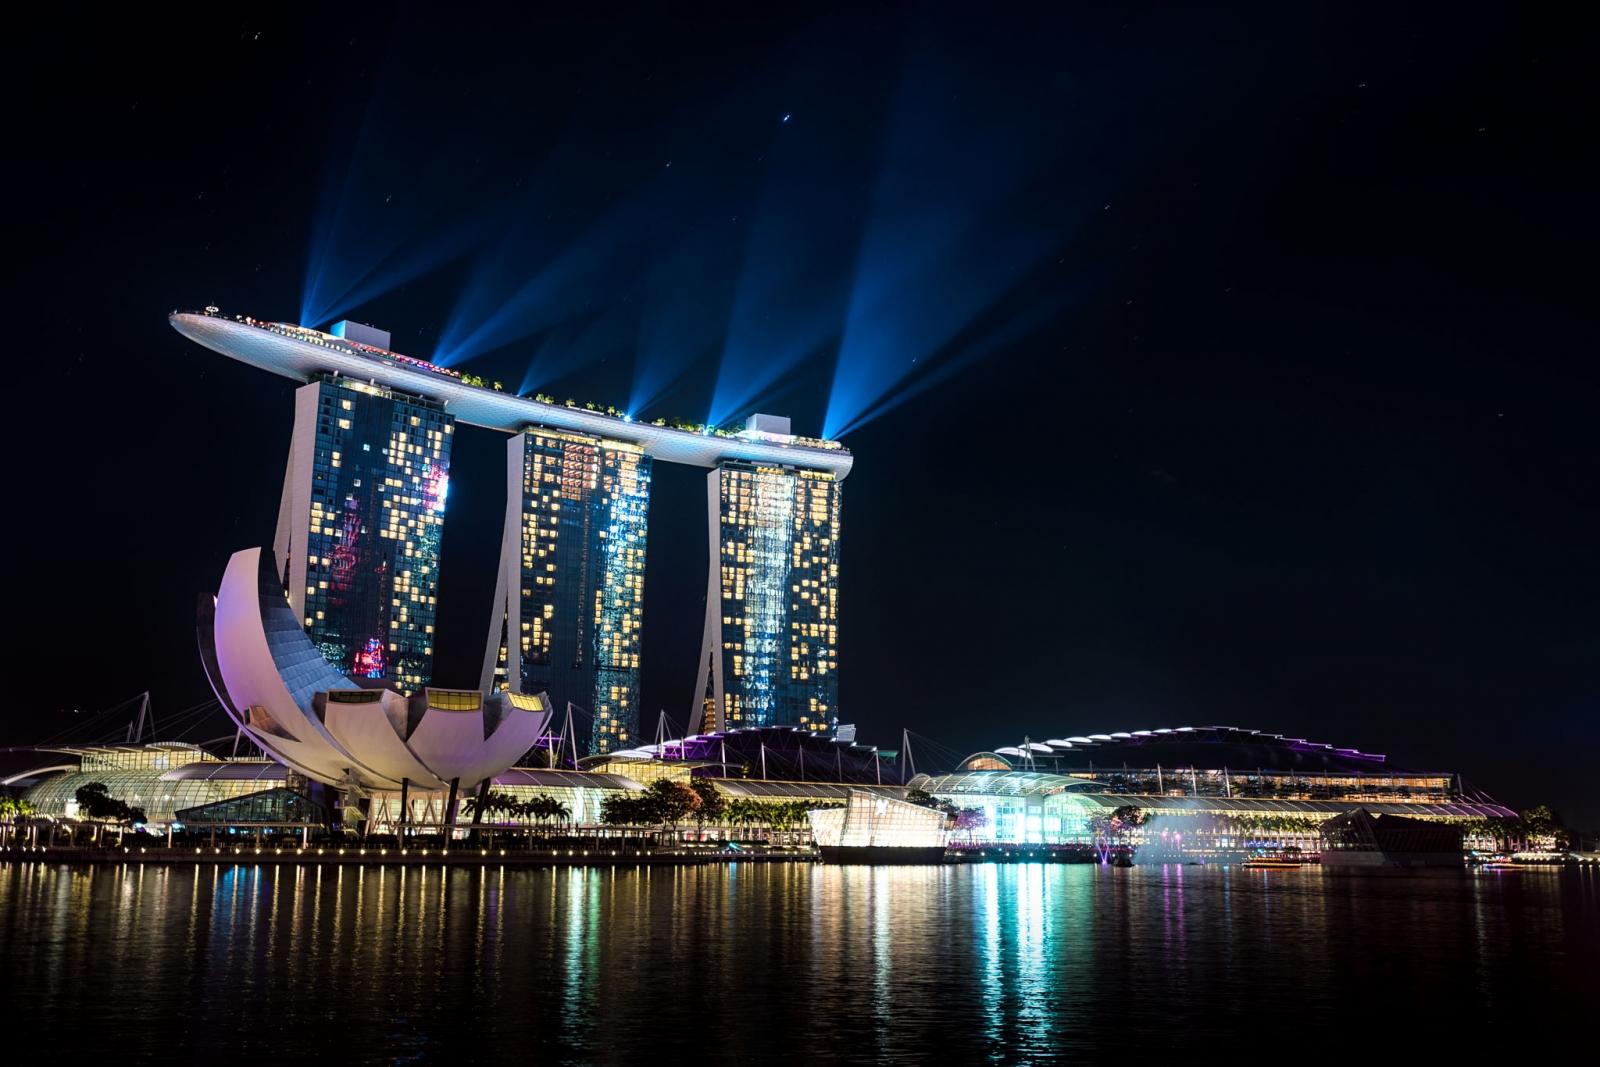 Tour Singapore - Marina Bay Sands